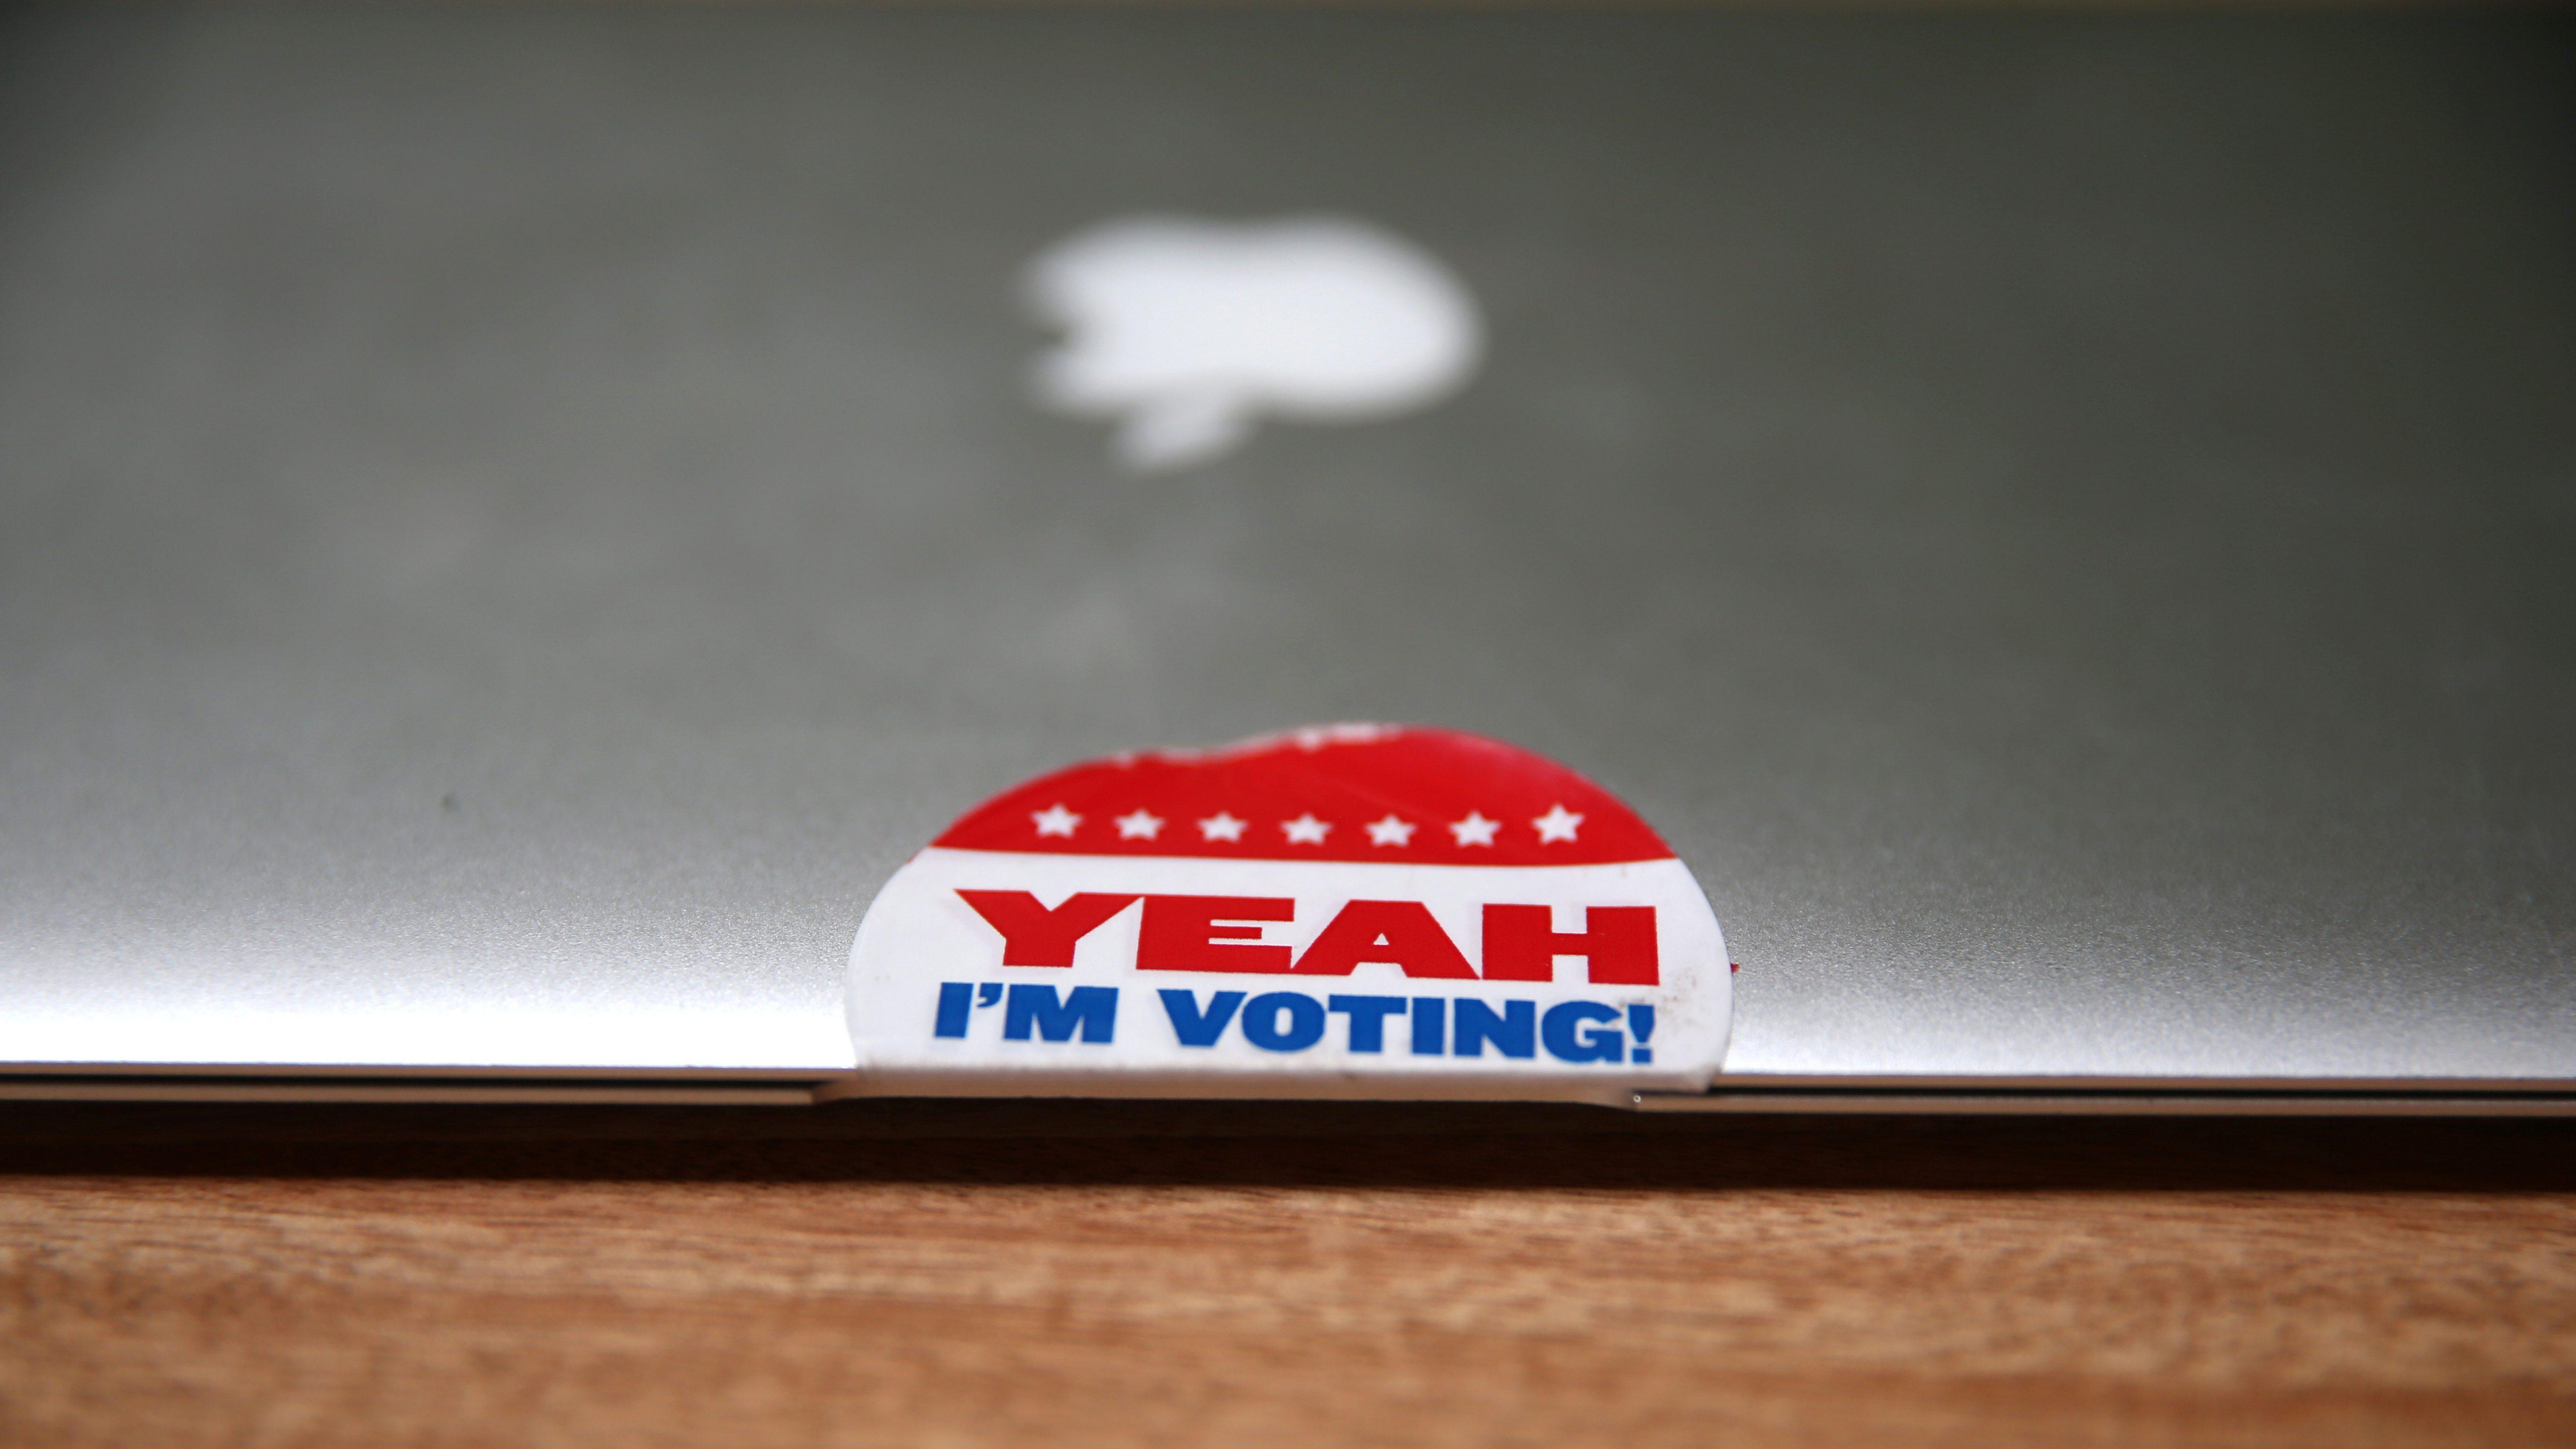 A voter sticker